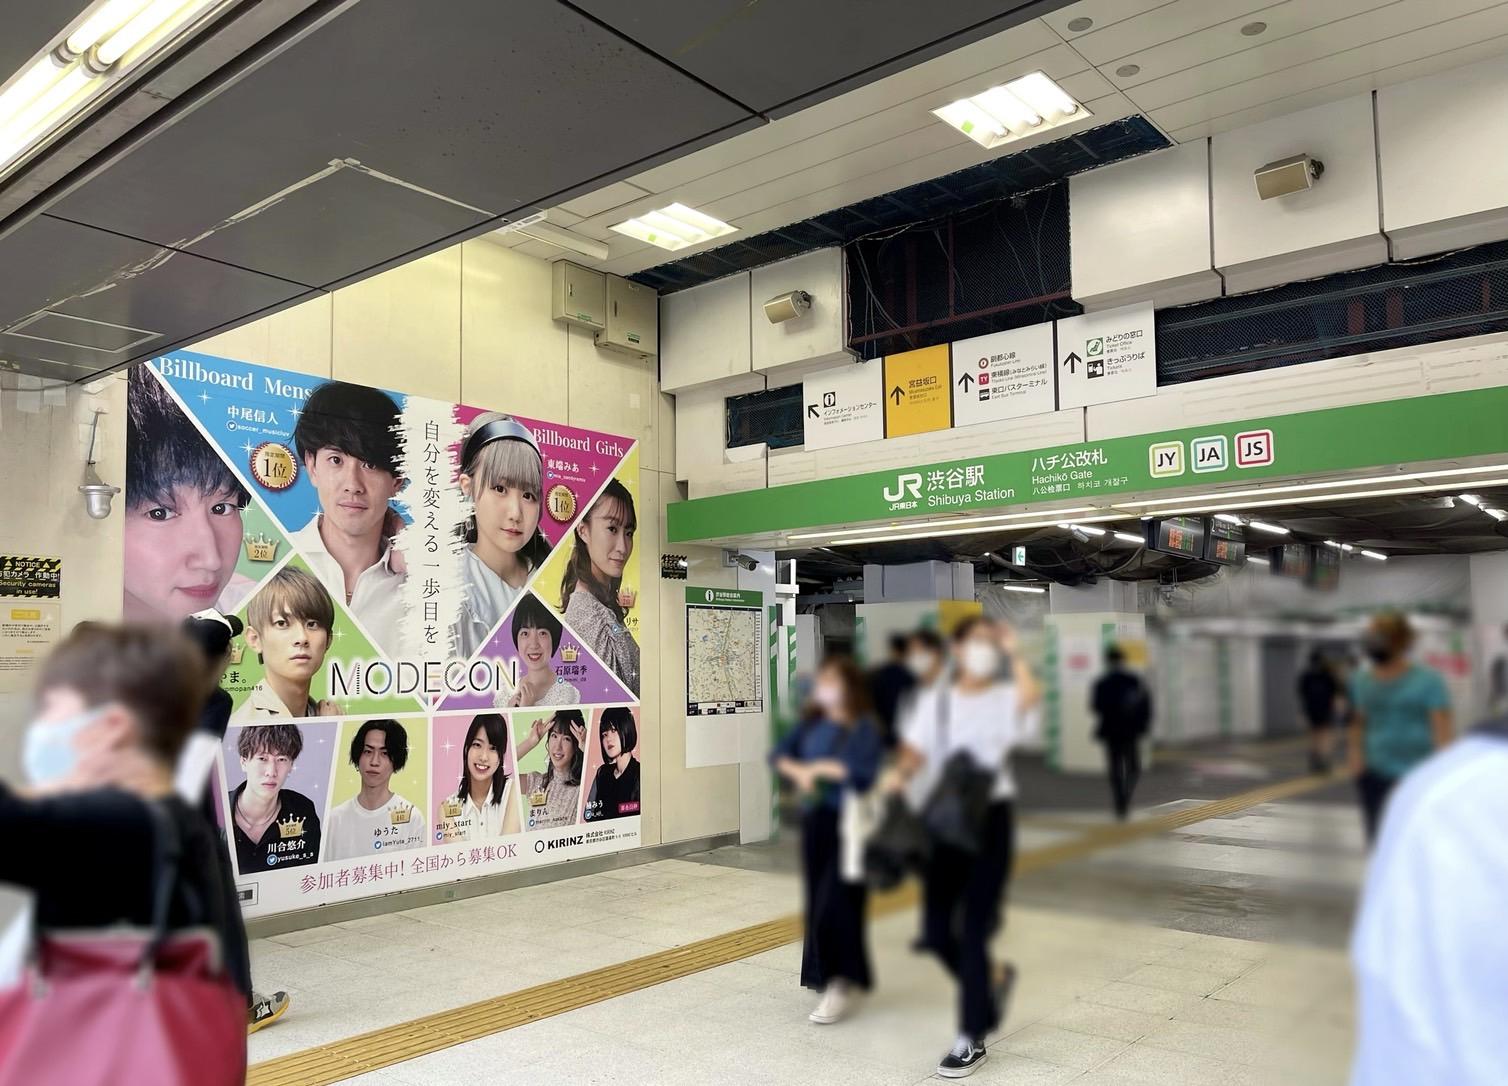 究極人形・東端みあ 渋谷駅巨大看板に掲載!